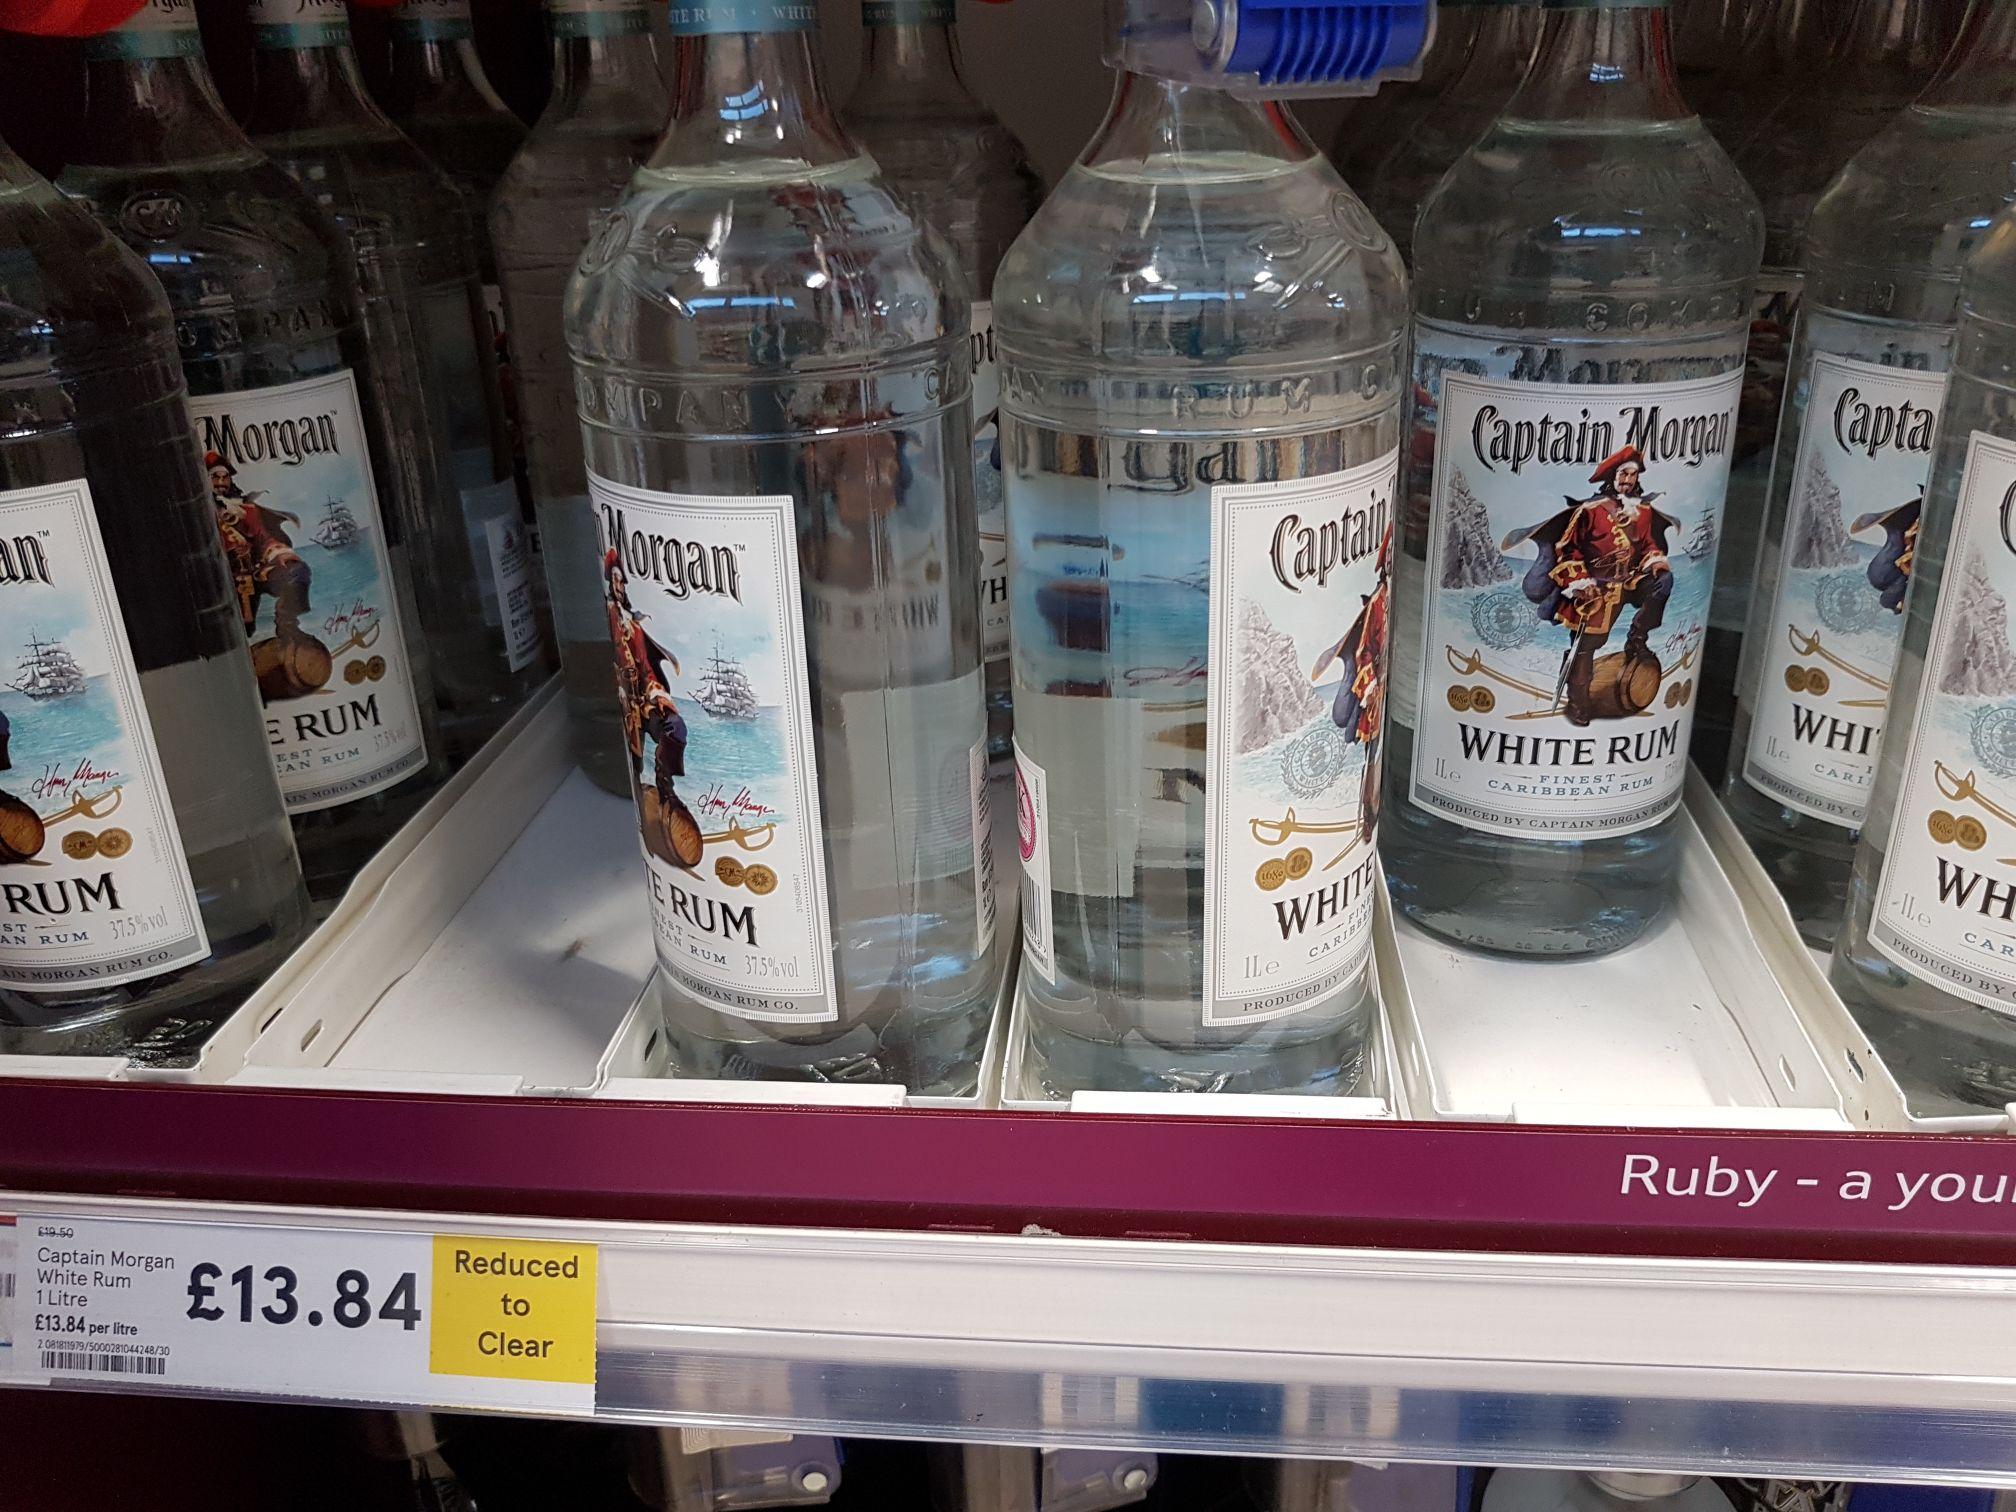 Captain Morgan white rum £13.84 @ Tesco